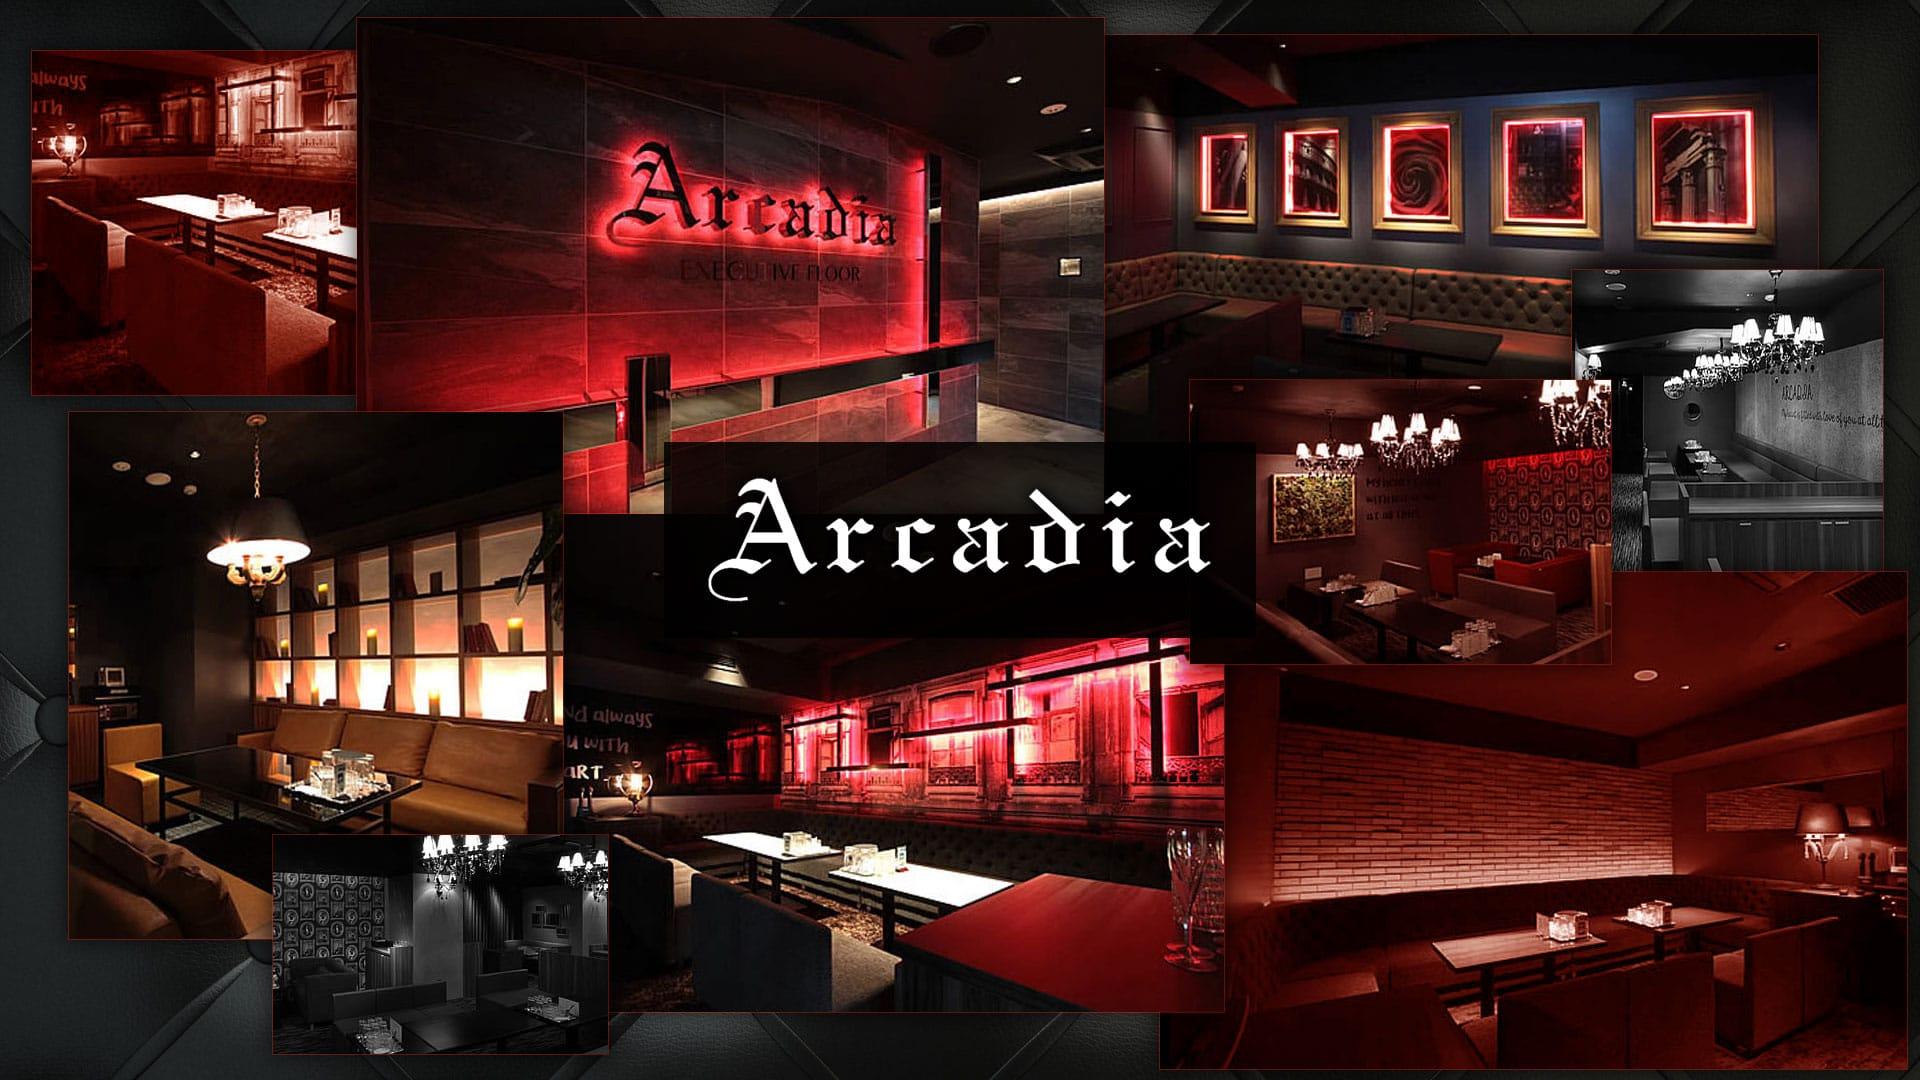 Club Arcadia-アルカディア梅田- 梅田ニュークラブ TOP画像